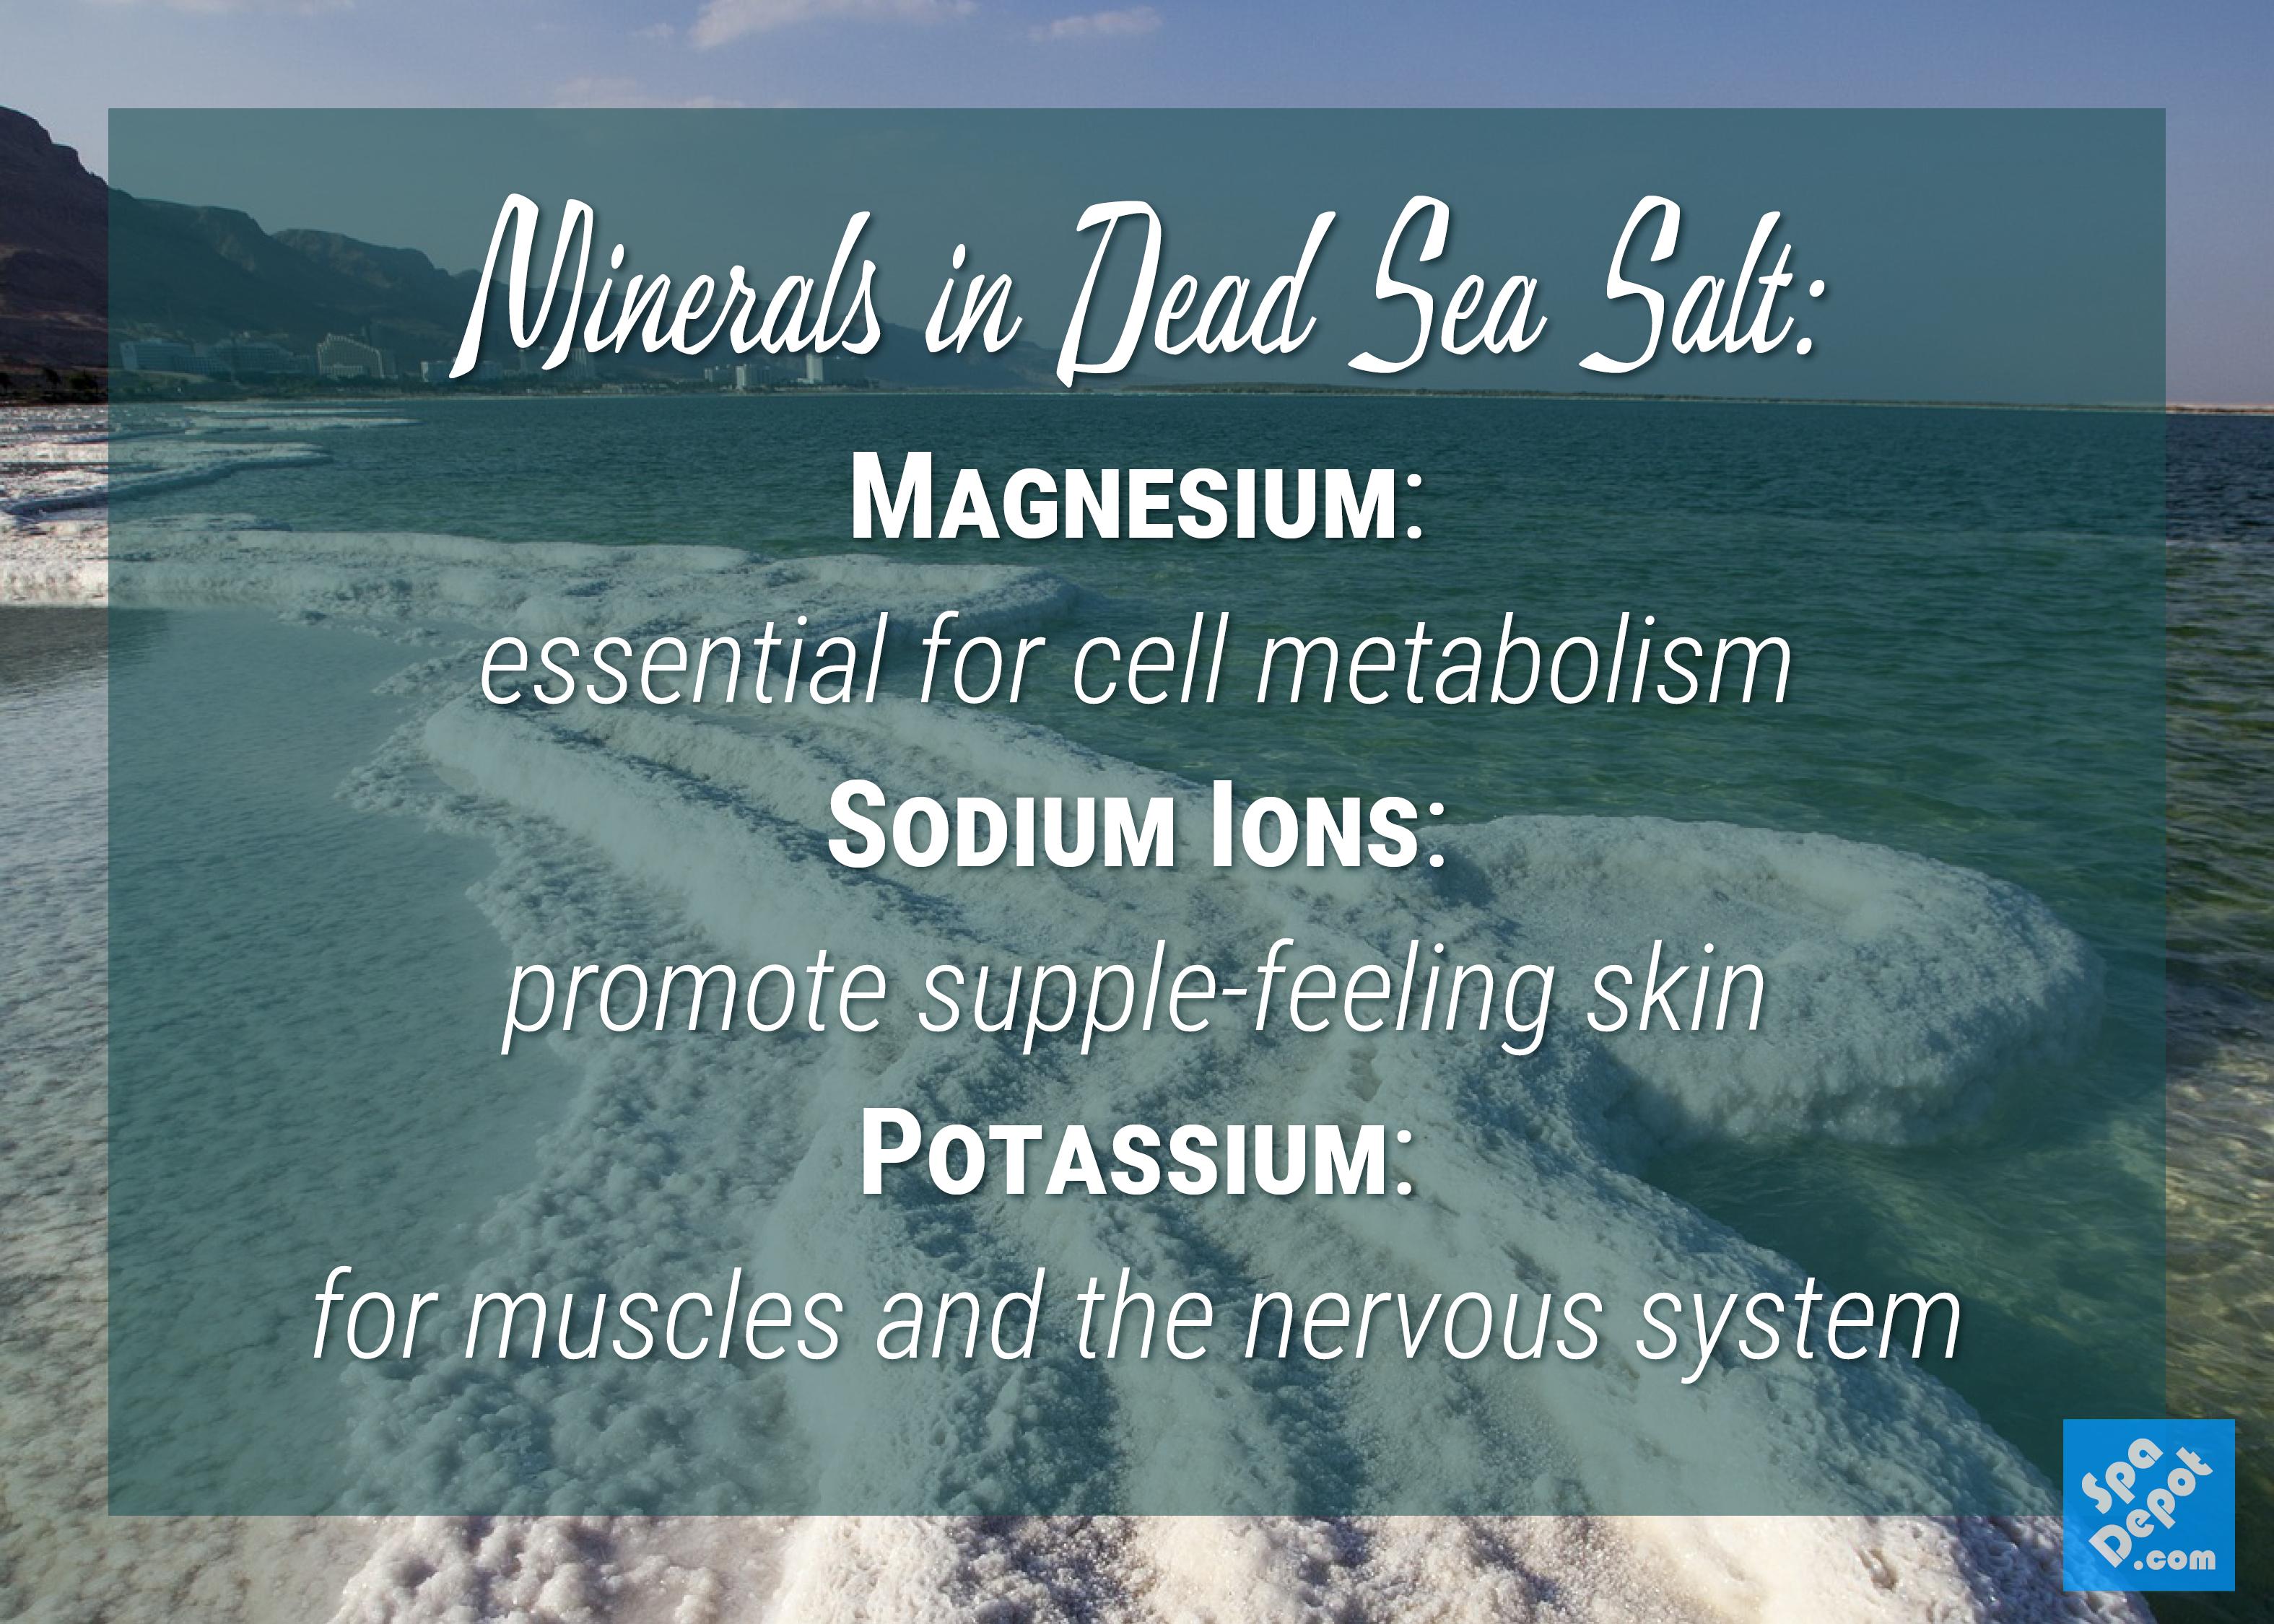 minerals in Dead Sea Salt